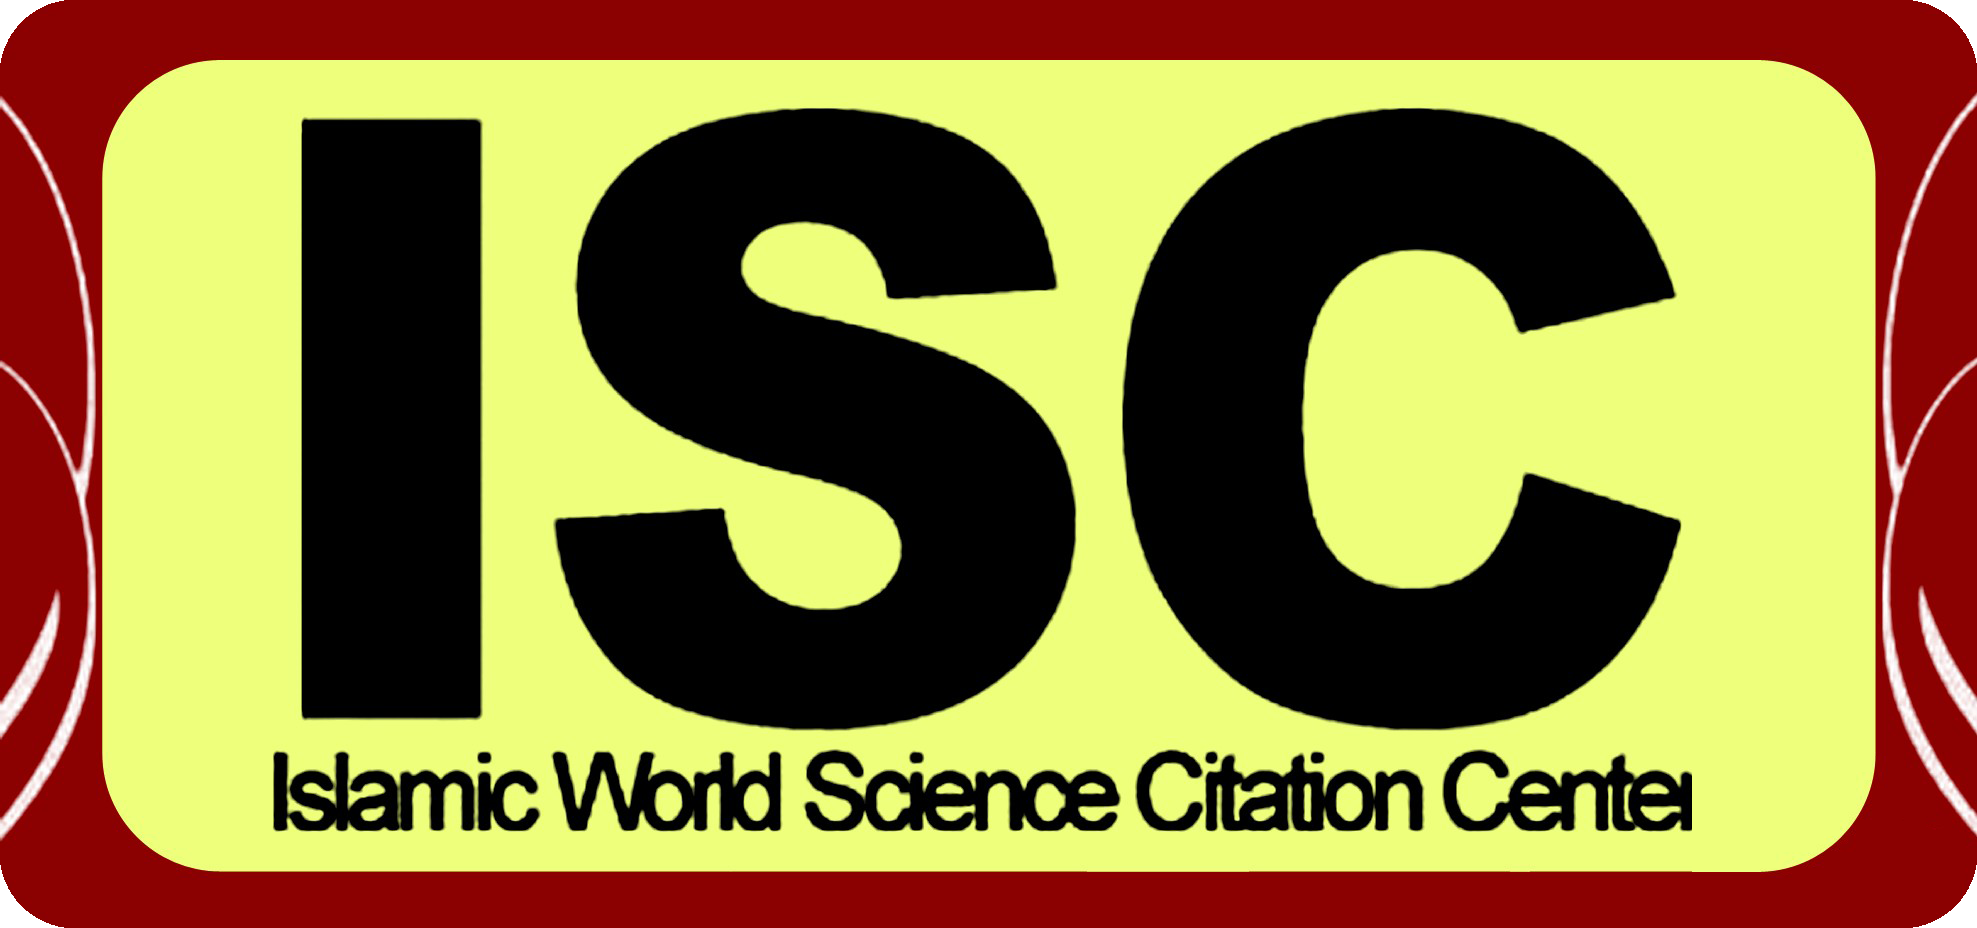 اولین همایش ملی اربعین پژوهی تحت حمایت پایگاه استنادی علوم جهان اسلام (ISC) قرار گرفت.